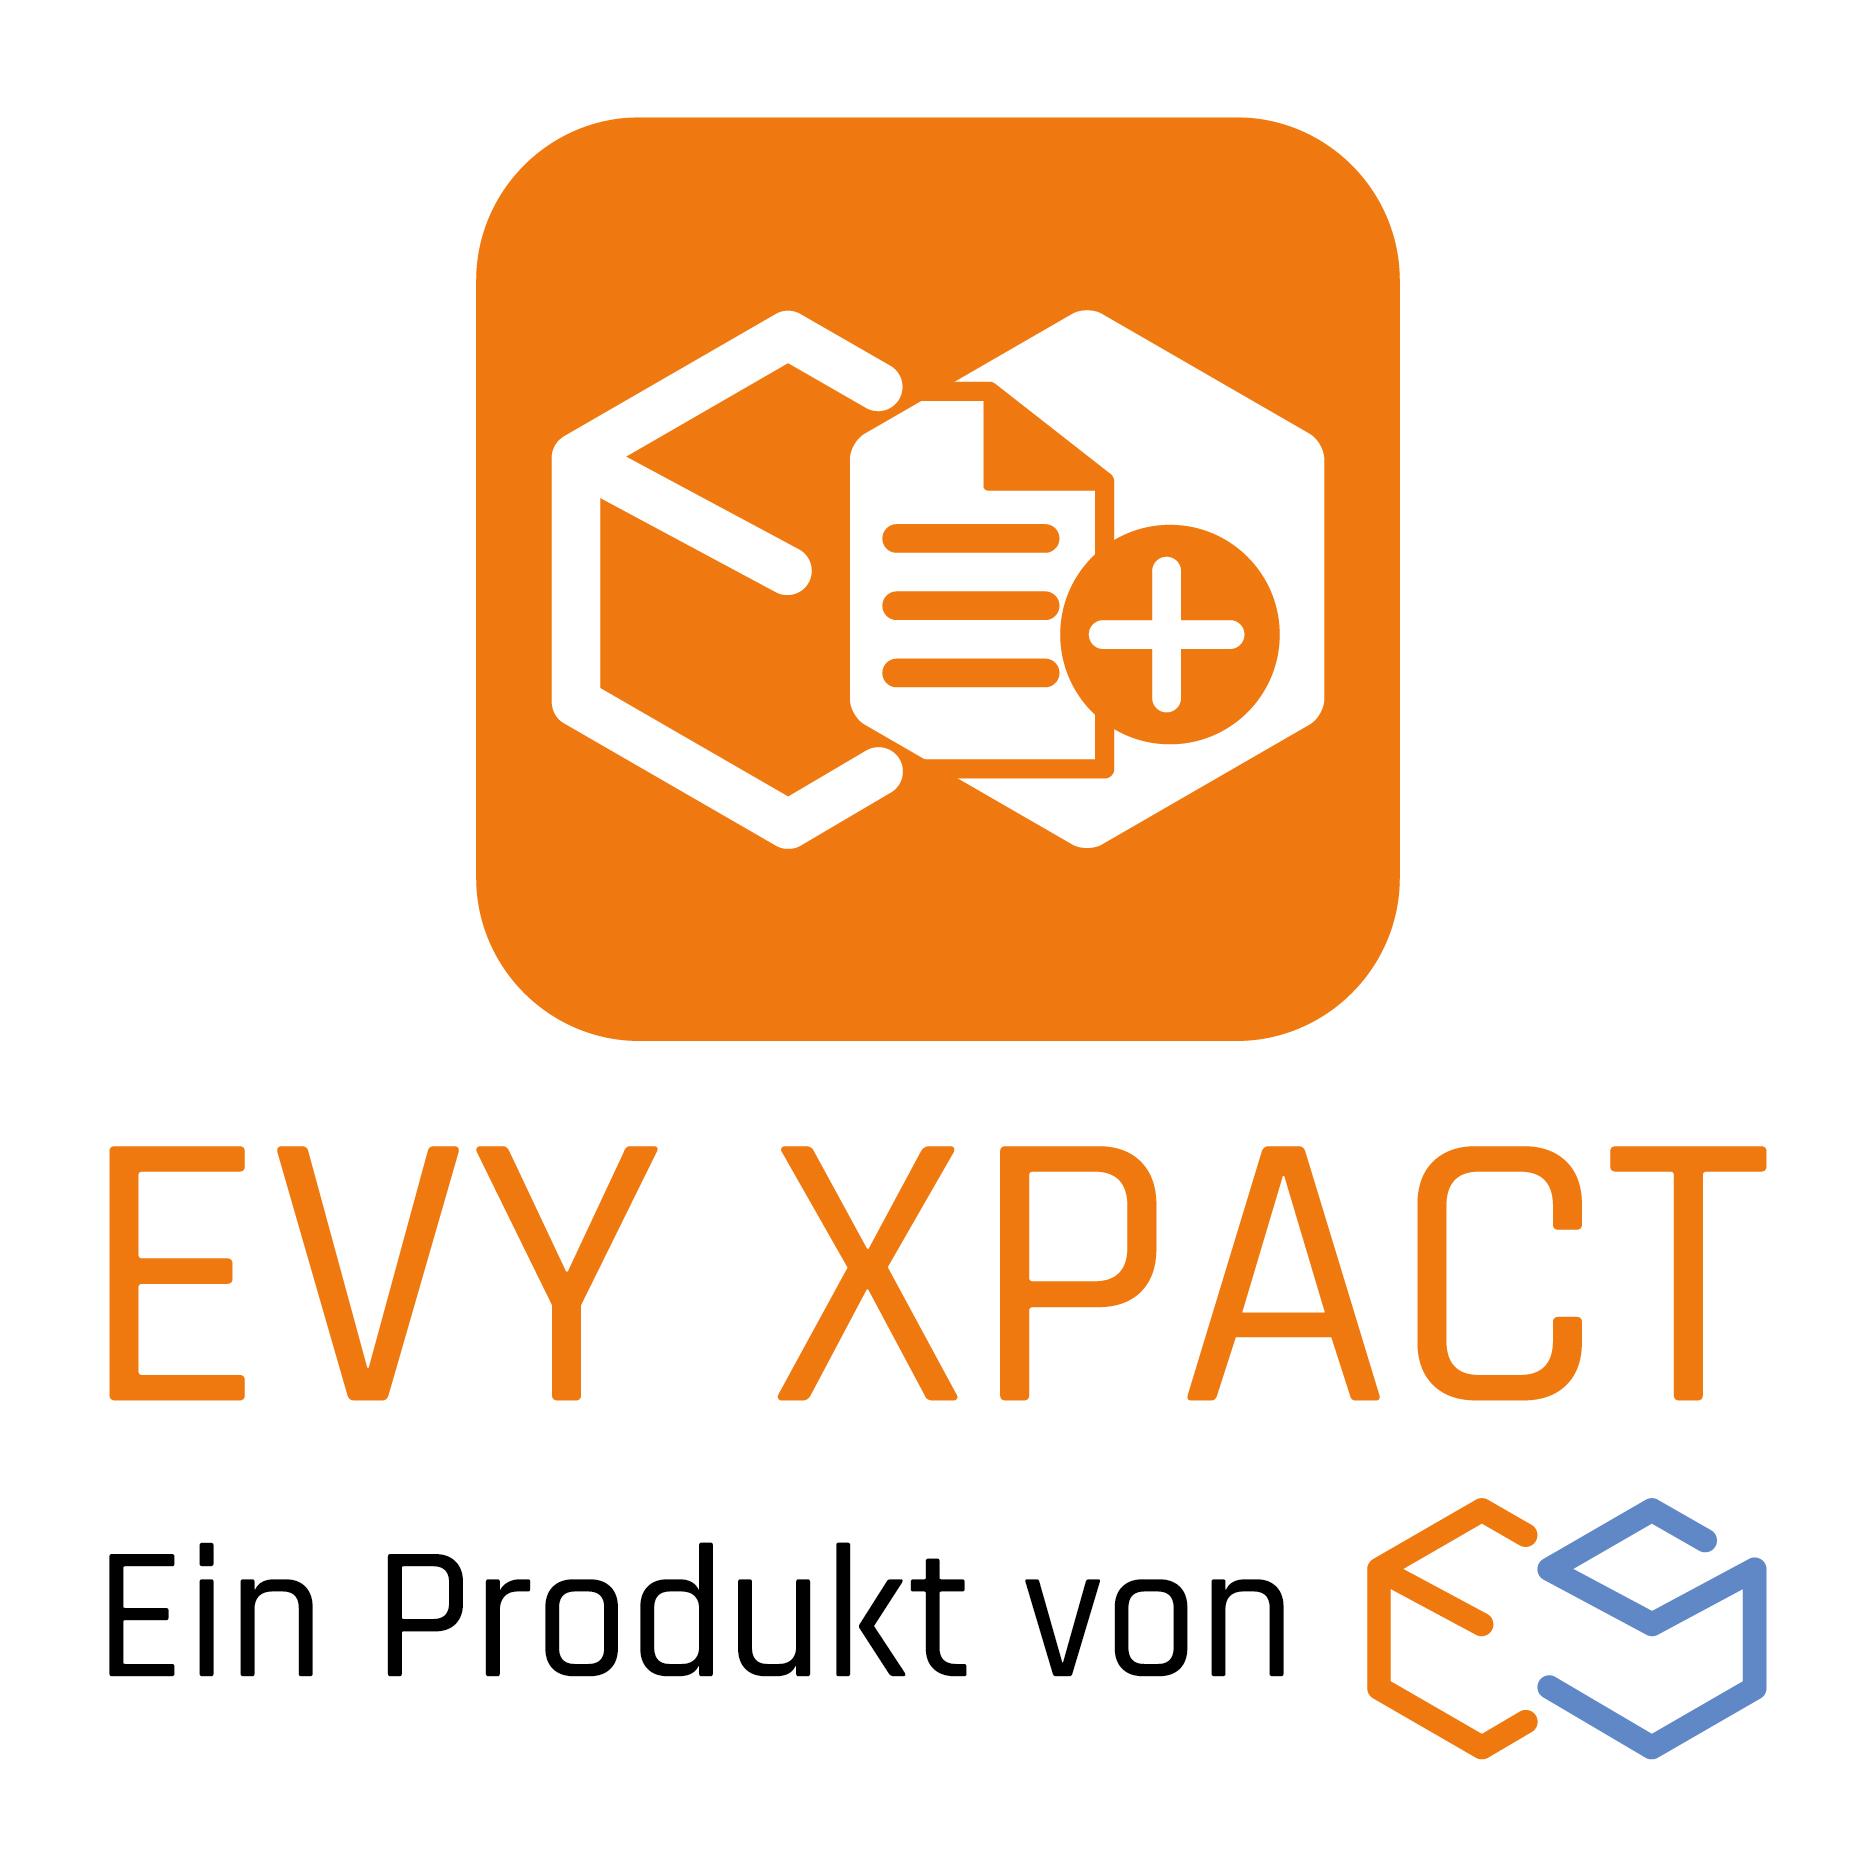 Produktbild zu Evy Xpact - automatisierte Auftragserfassung / Dokumentenverarbeitung mit KI